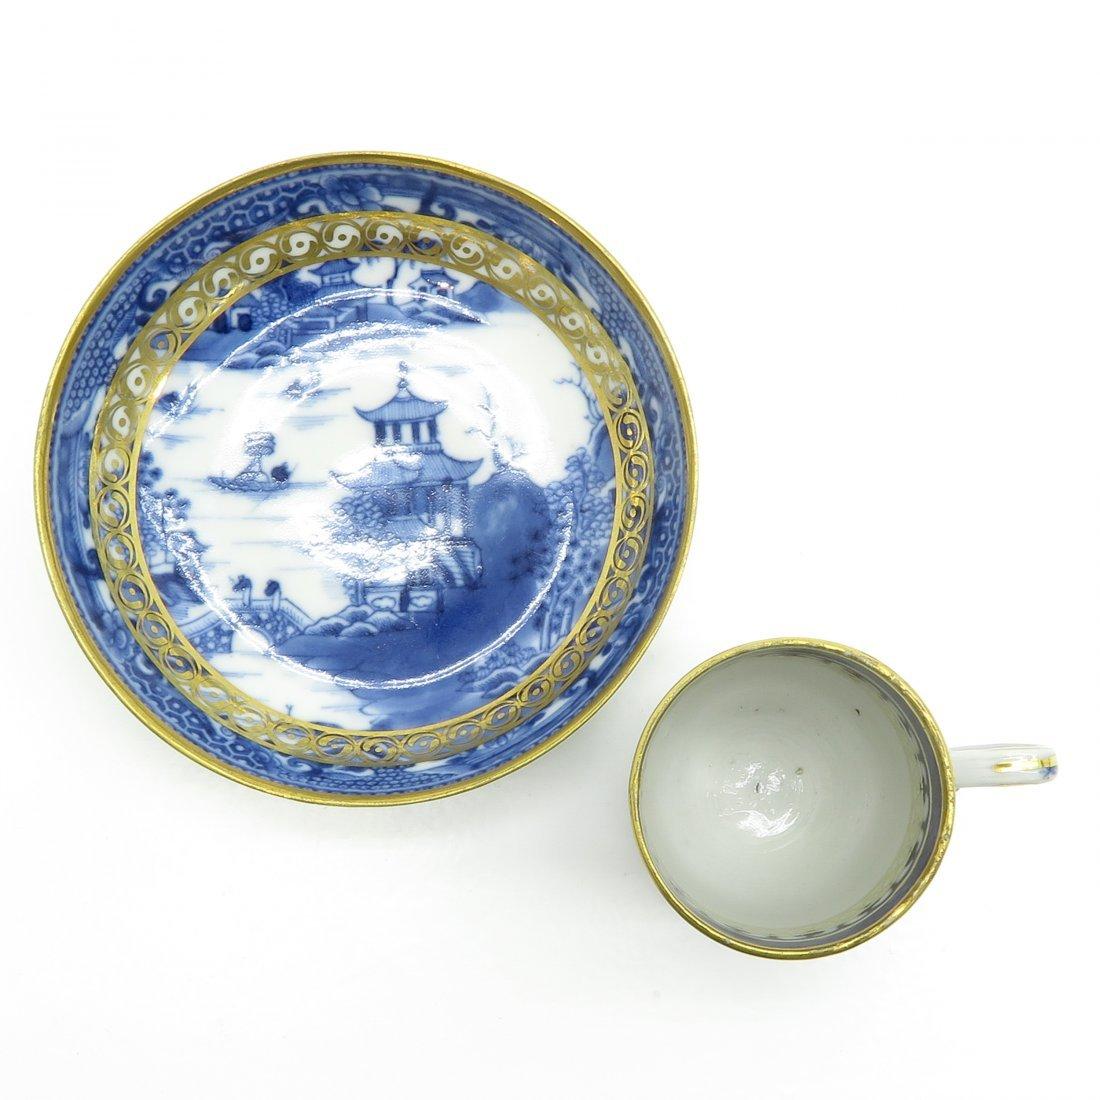 China Porcelain Cup and Saucer Circa 1800 - 5